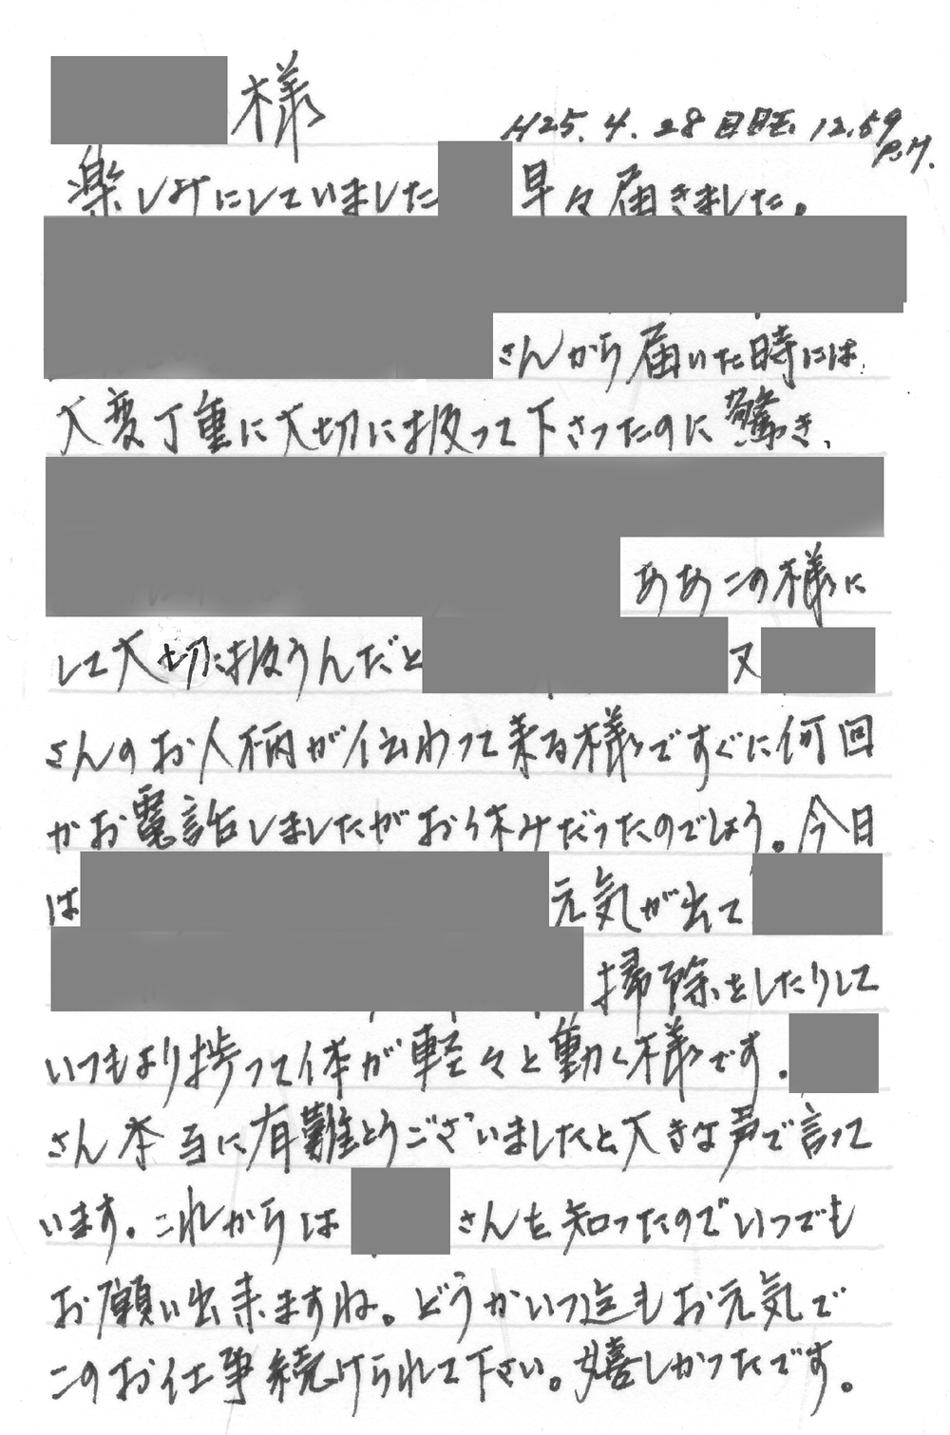 2013-06-22-1.jpg